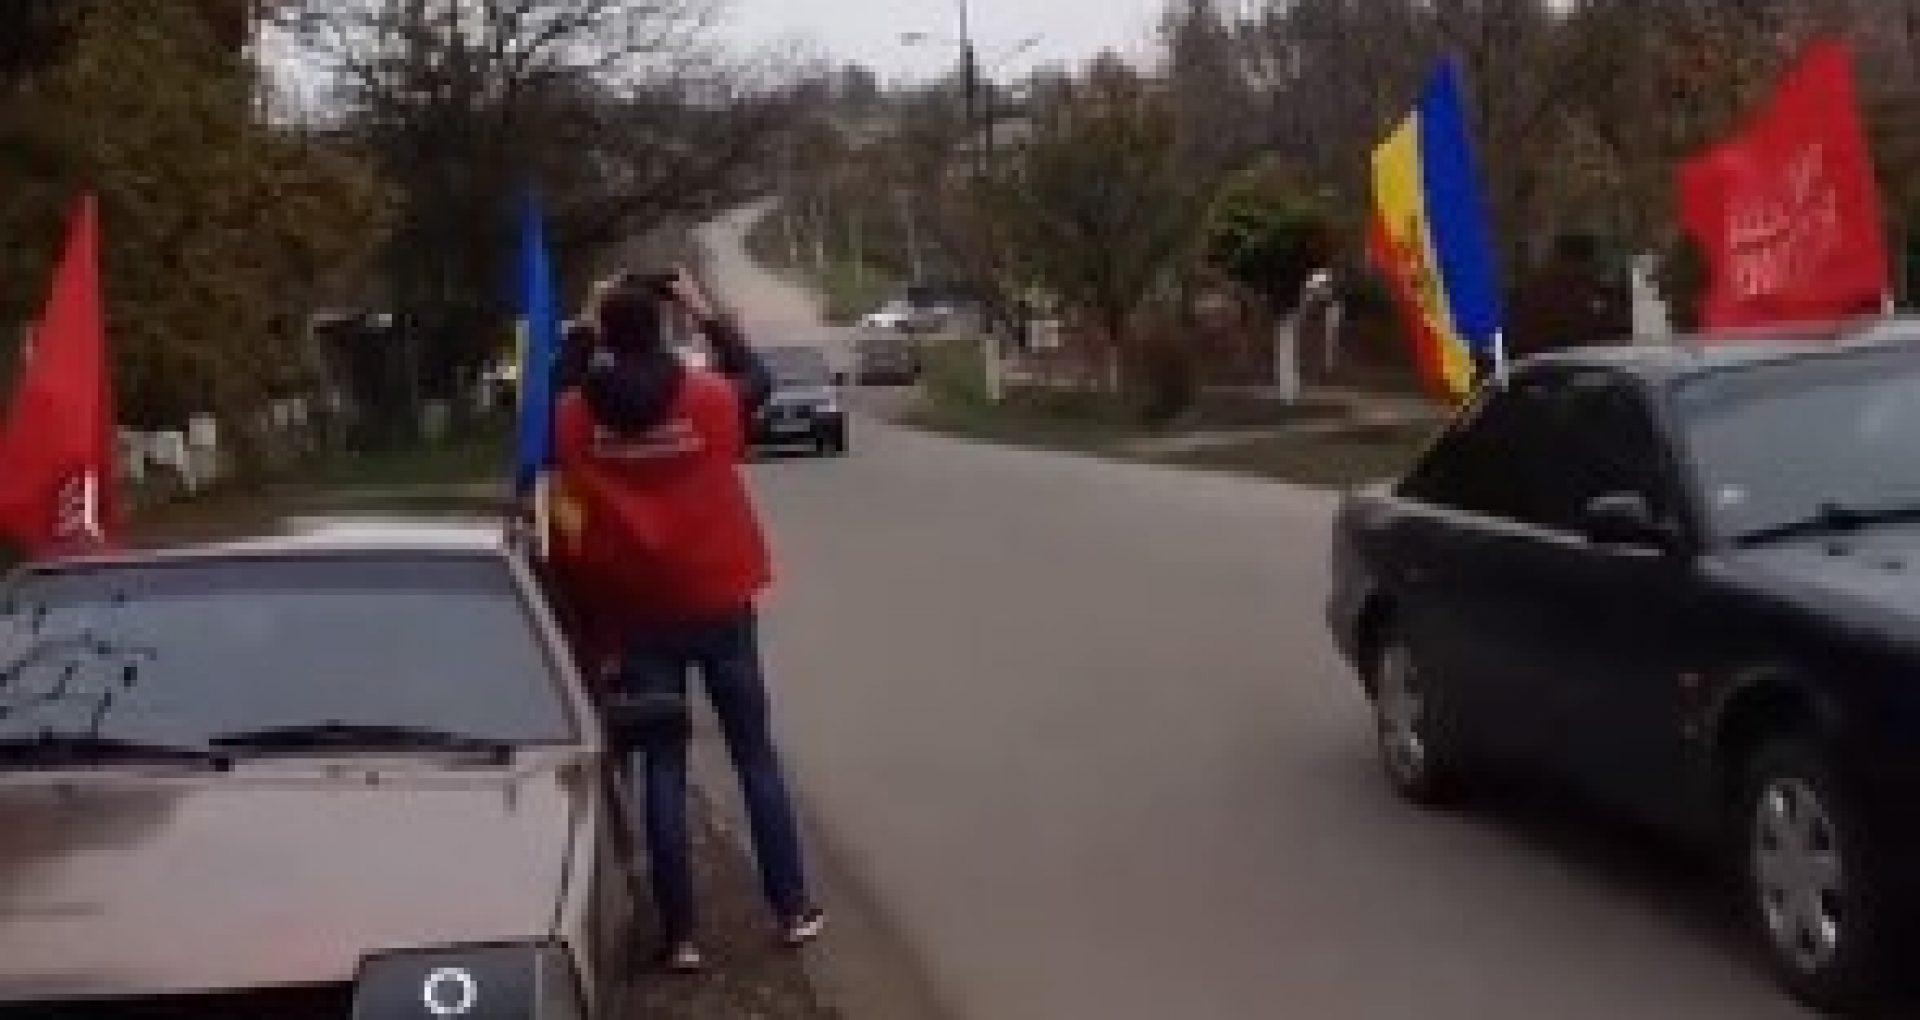 VIDEO/ Zeci de mașini cu drapele roșii care conțin mesaje în susținerea lui Dodon, în marș pe mai multe șosele naționale. Unii participanți spun că au fost plătiți pentru a participa